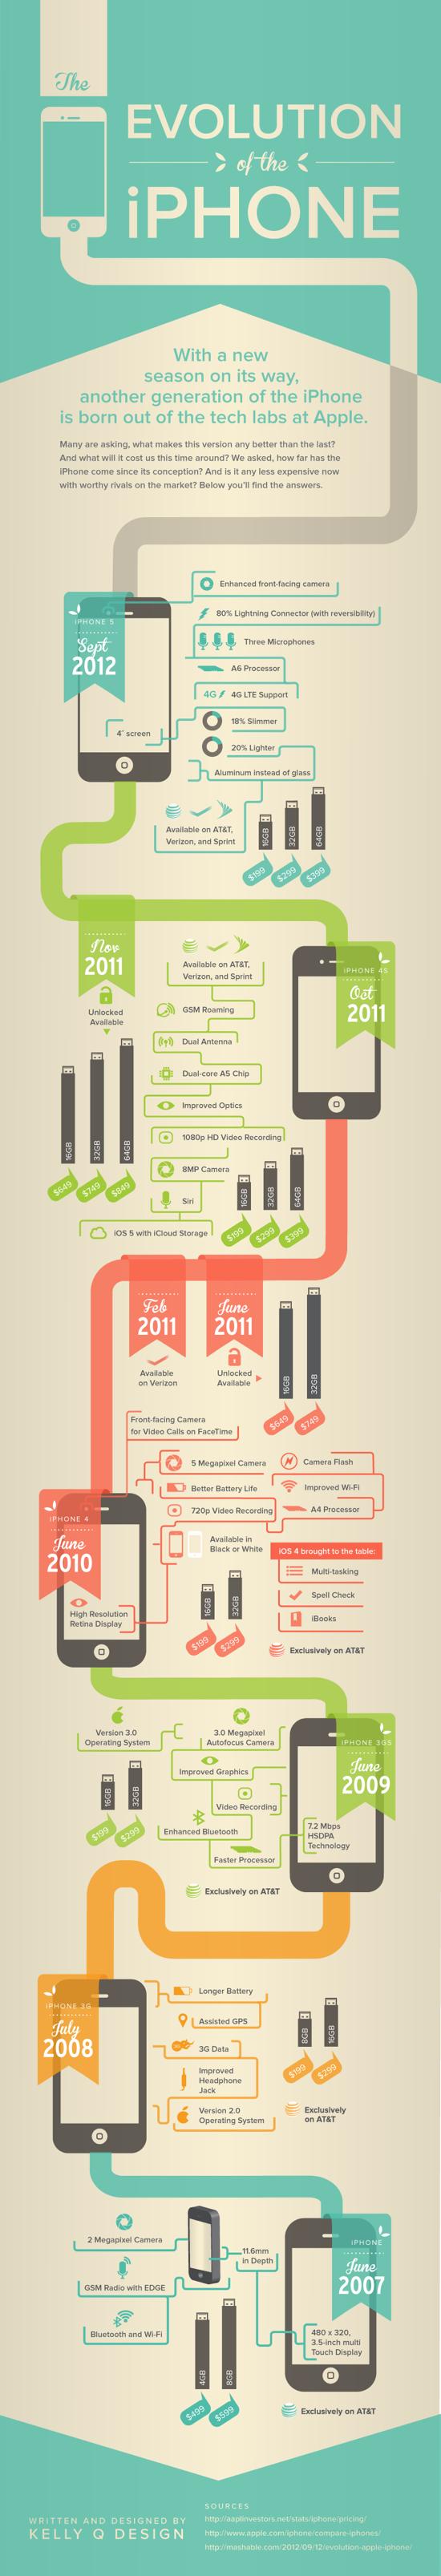 IPhoneの革命的歴史のインフォグラフィック